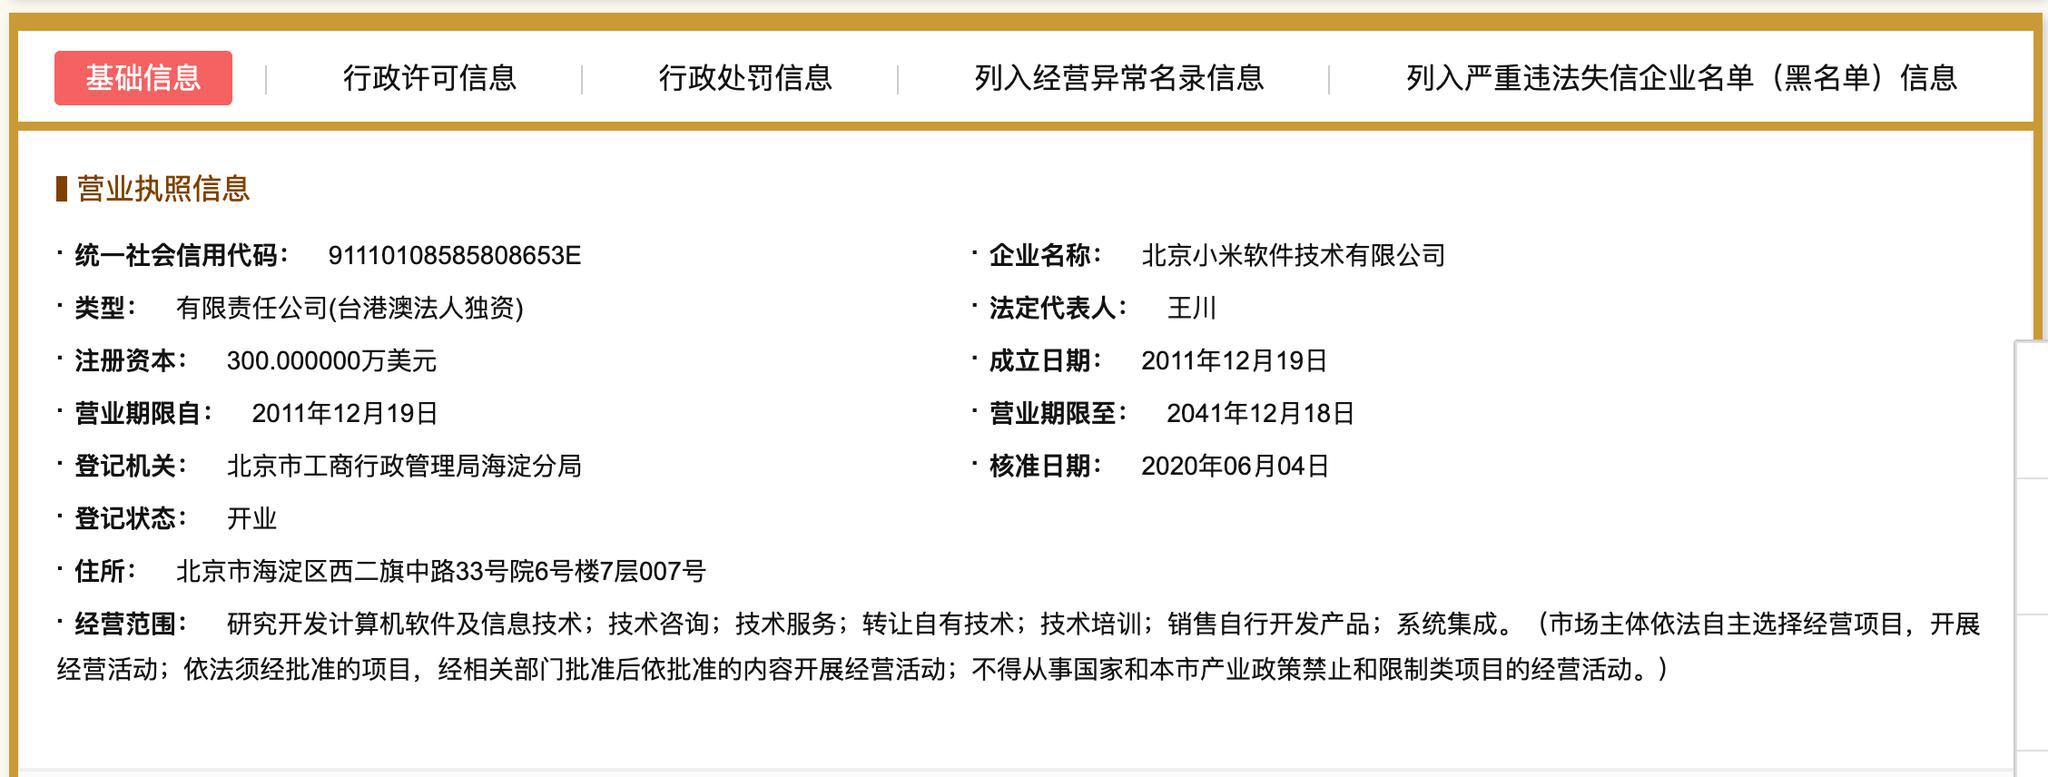 [摩鑫开户]林斌卸任小米软件法定代表摩鑫开户人图片